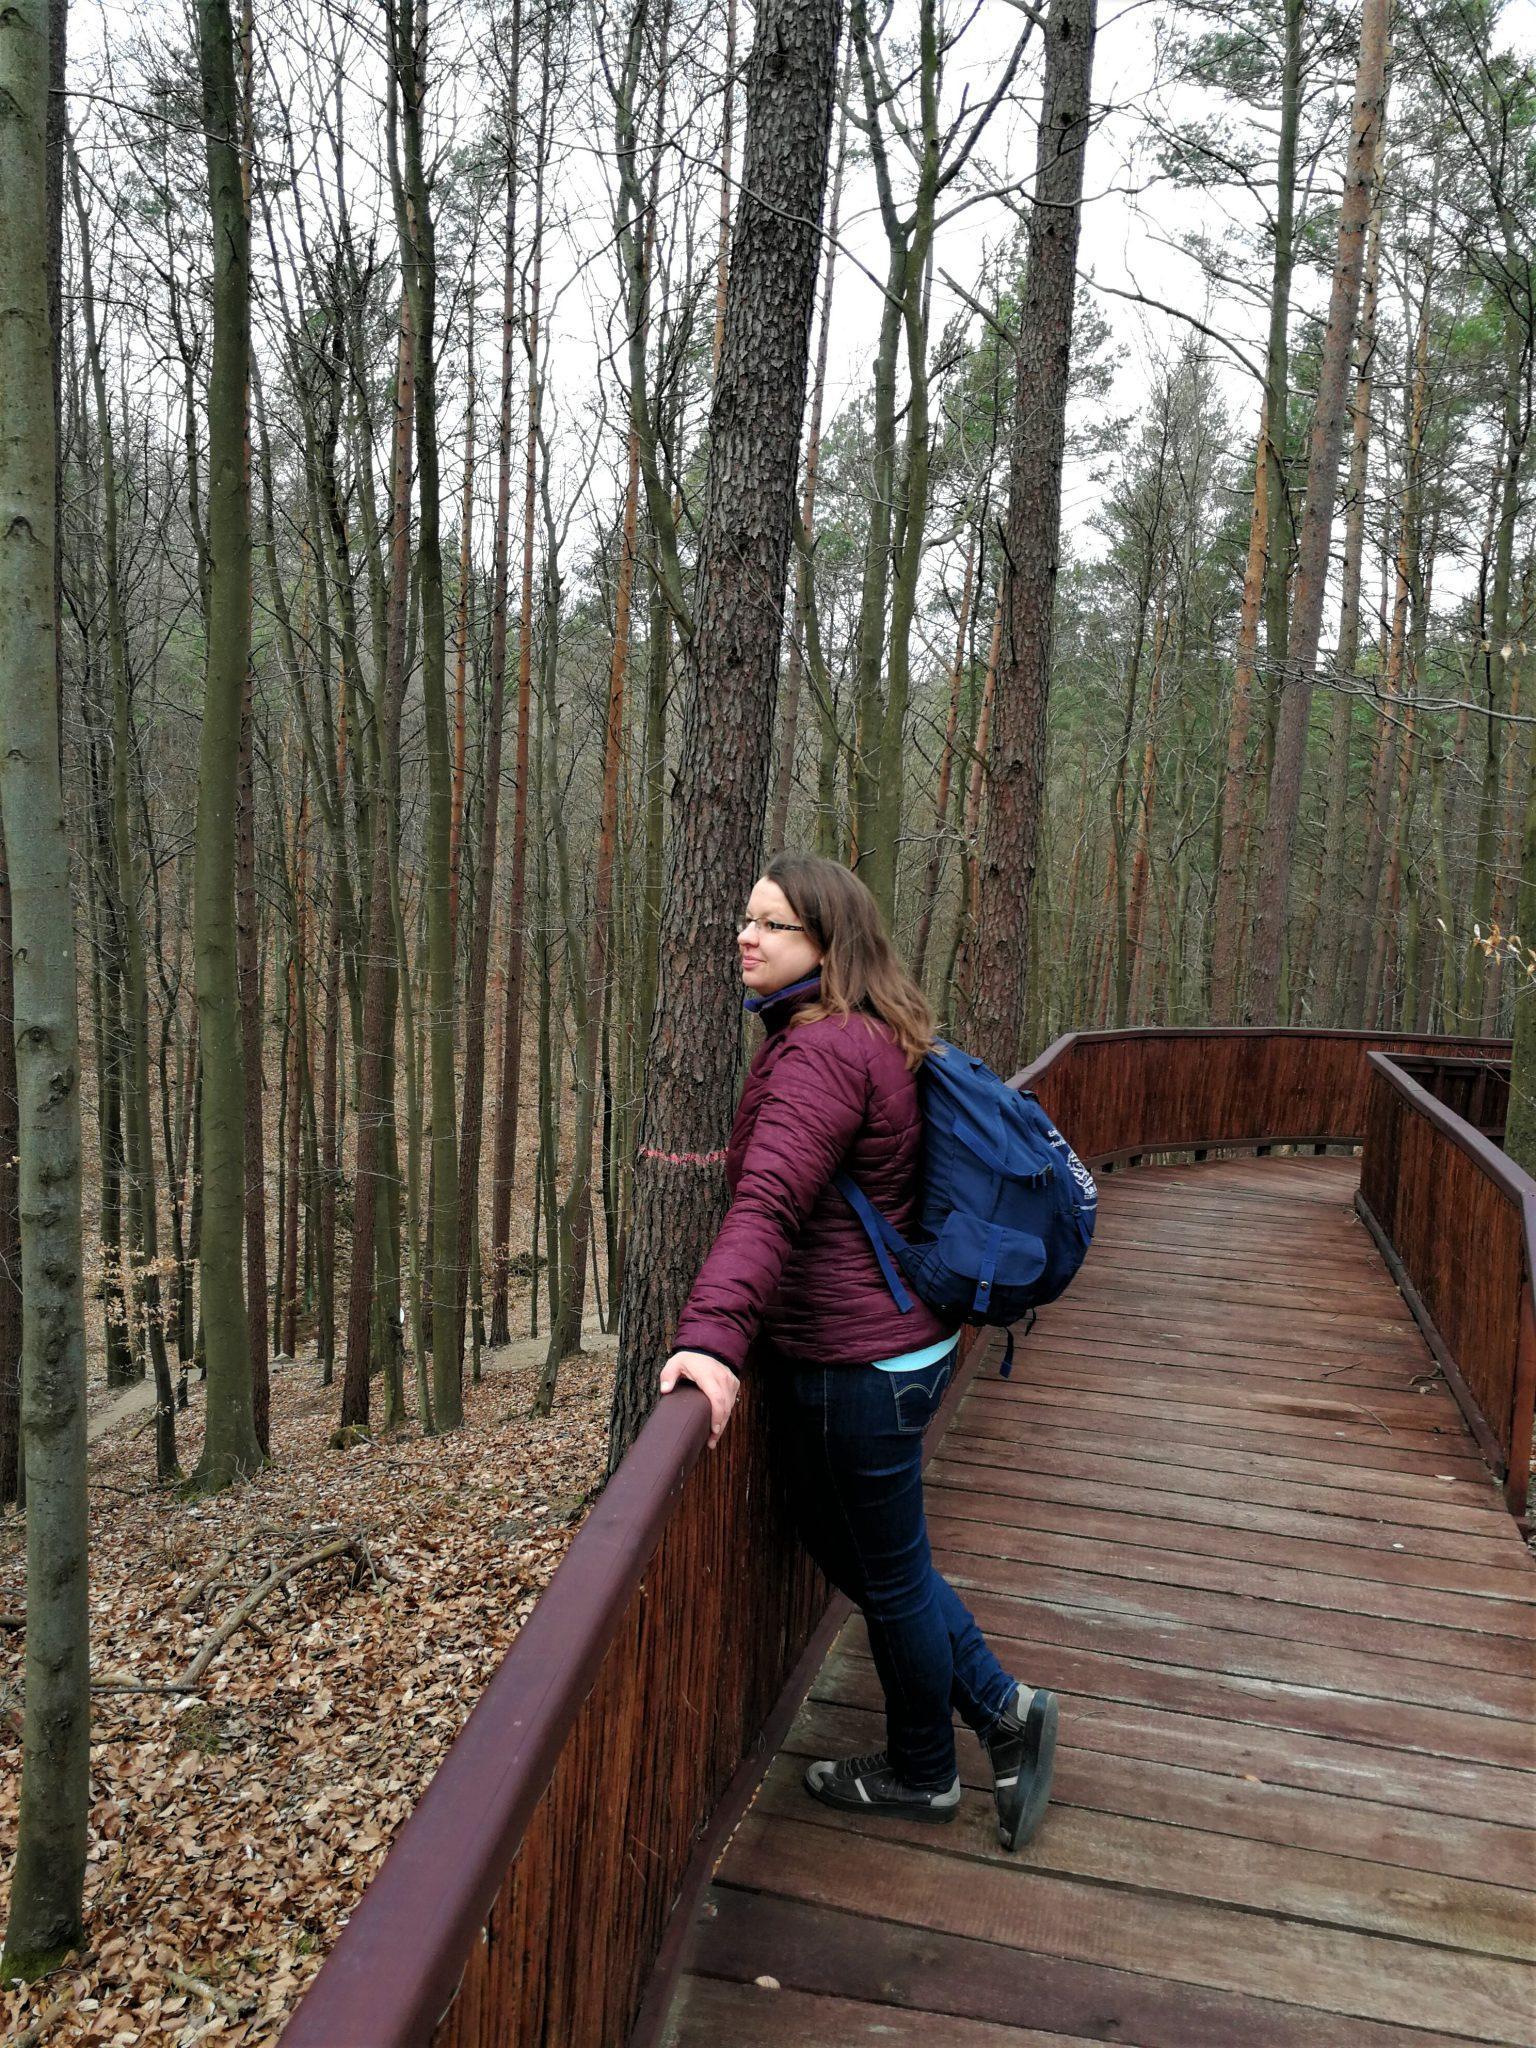 Szlak-Korzeni-w-Marszewie-na-zdjęciu-Ania-Anna-Kotula-z-Tour-Guide-Service-Gdansk